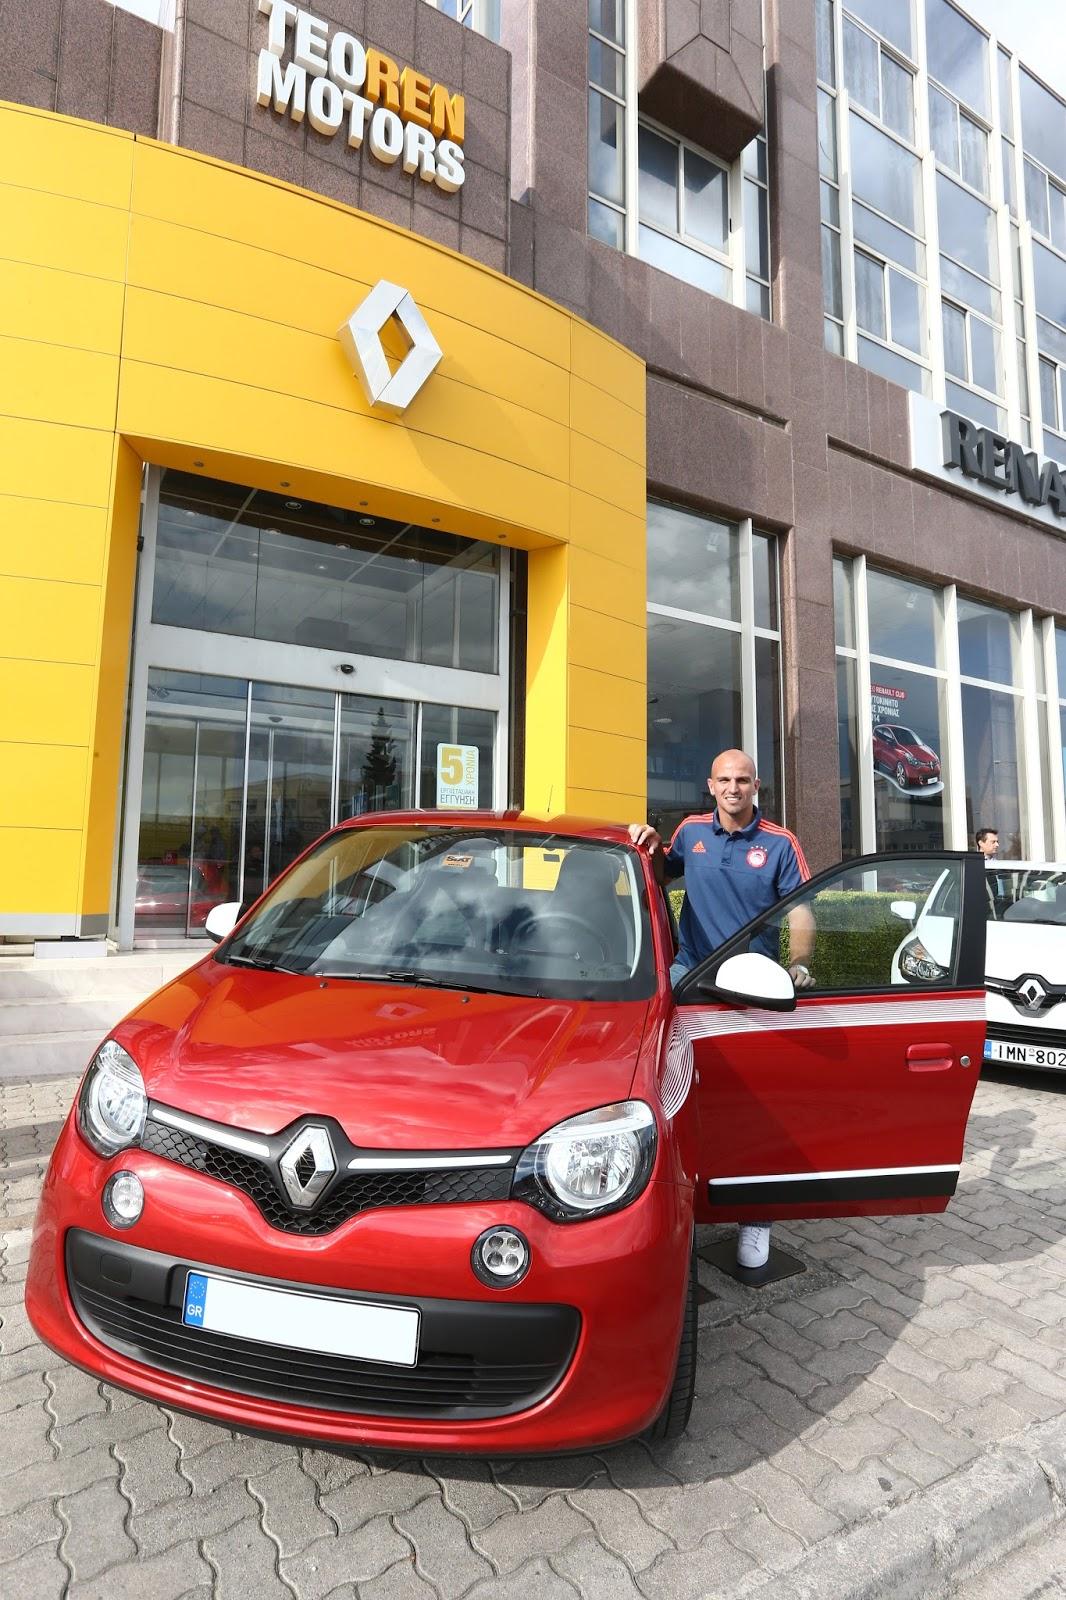 OlympiacosRenault 007 Σήμερα στην αυτοκίνηση ο Cambiasso θα δει από κοντά το νέο Renault Kadjar